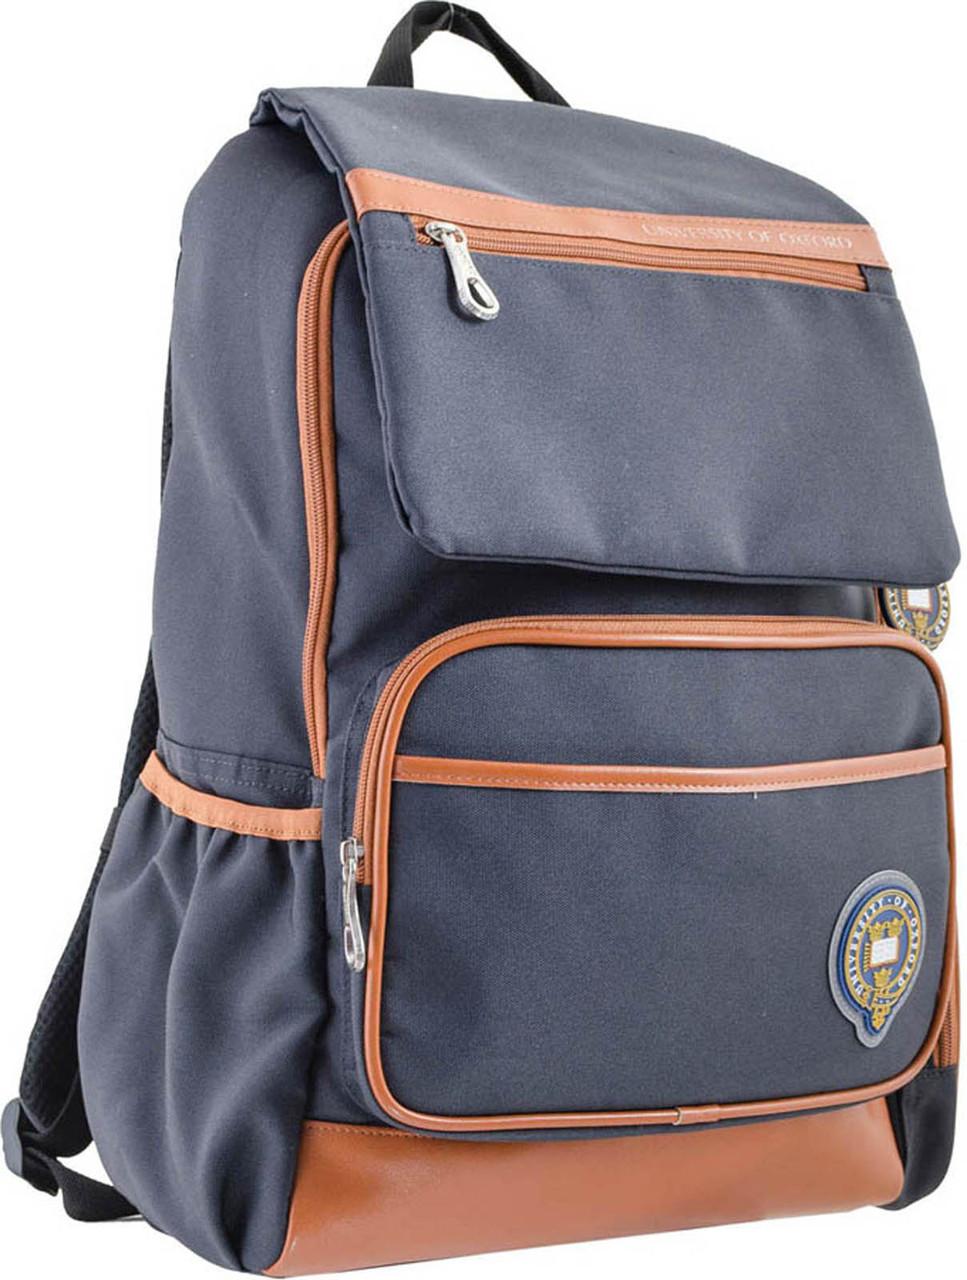 Рюкзак подростковый YES OX 293, серый, 28.5*44.5*12.5 код: 553999